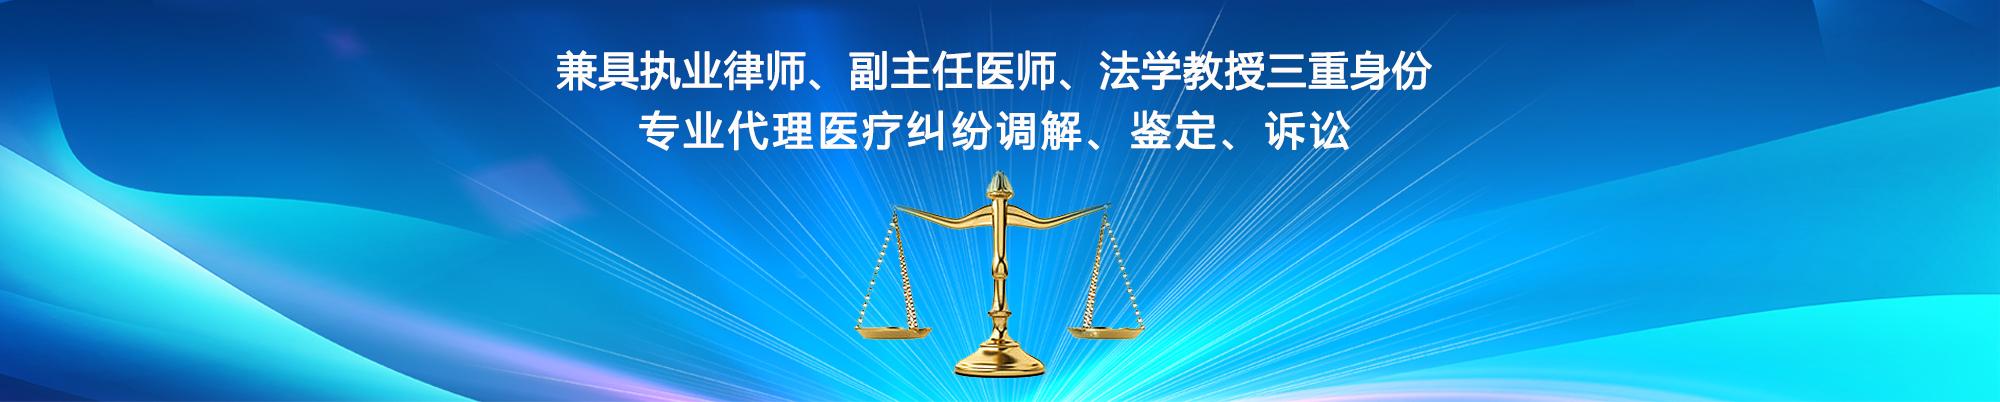 湖南长沙医疗损害鉴定必威APP精装版-刘大华